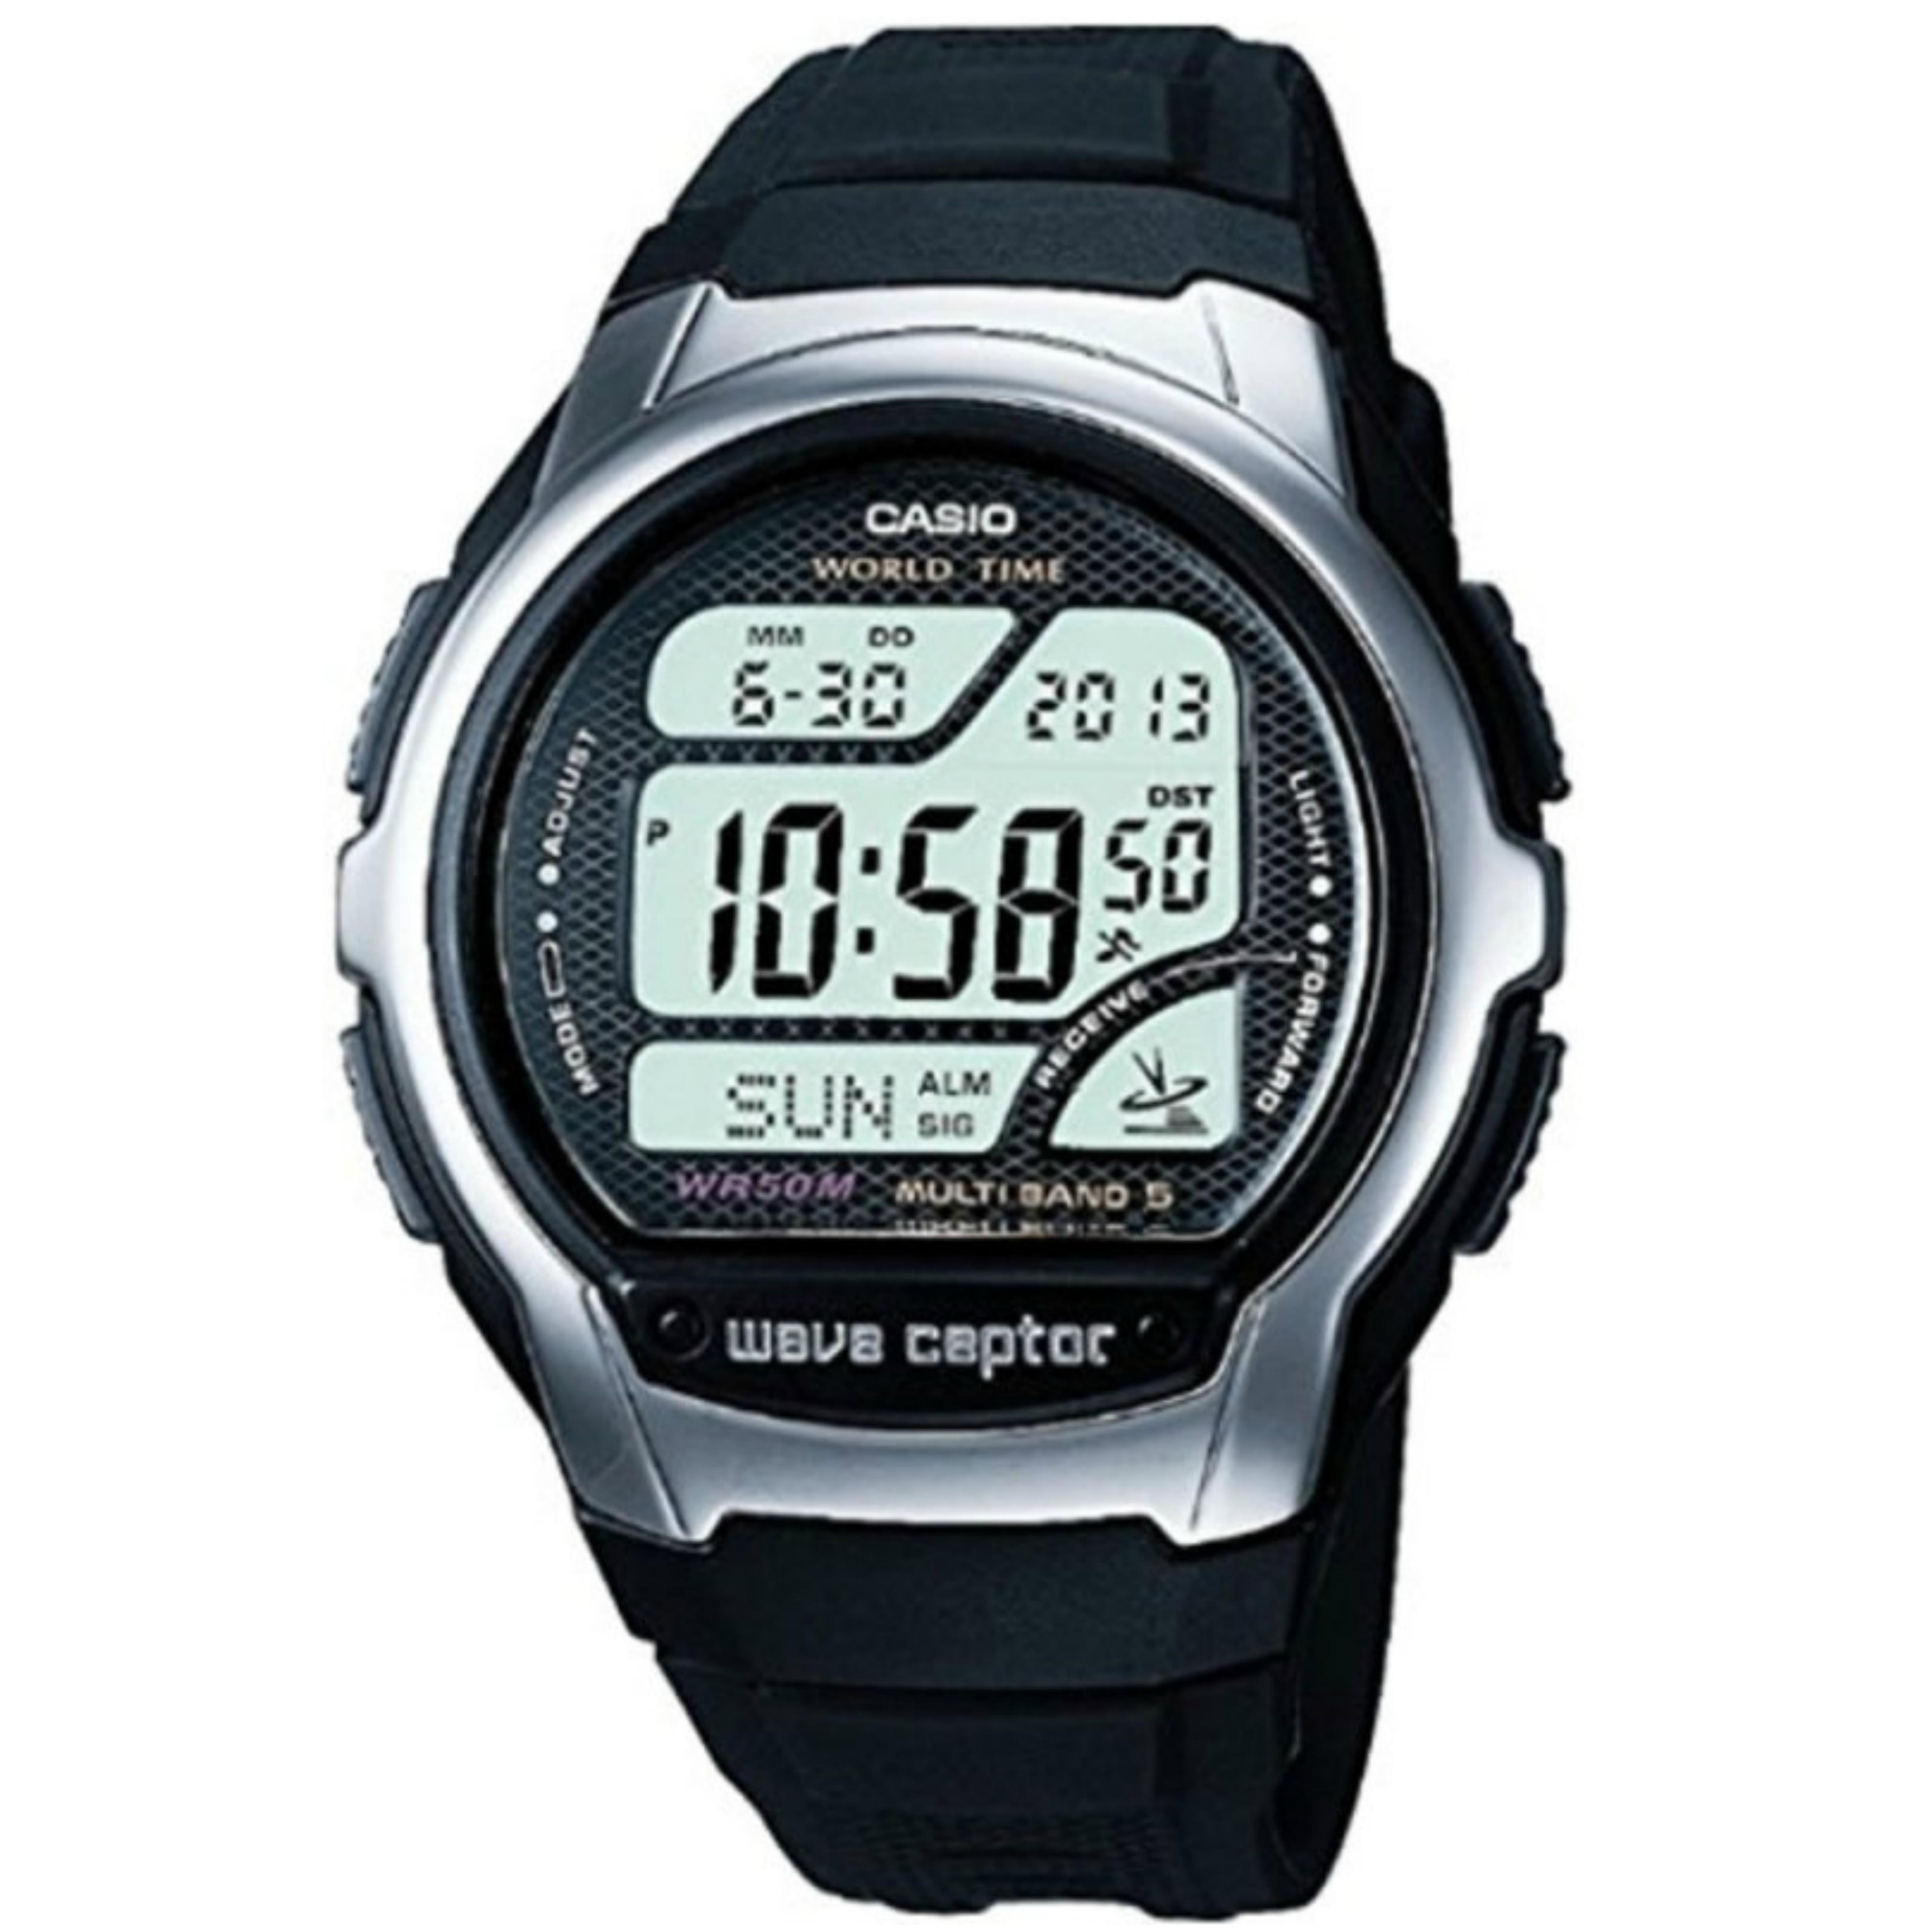 Casio WV58U-1AVEF Wave Ceptor Radio Controlled Watch|Digital|Dual Signal|WR|New